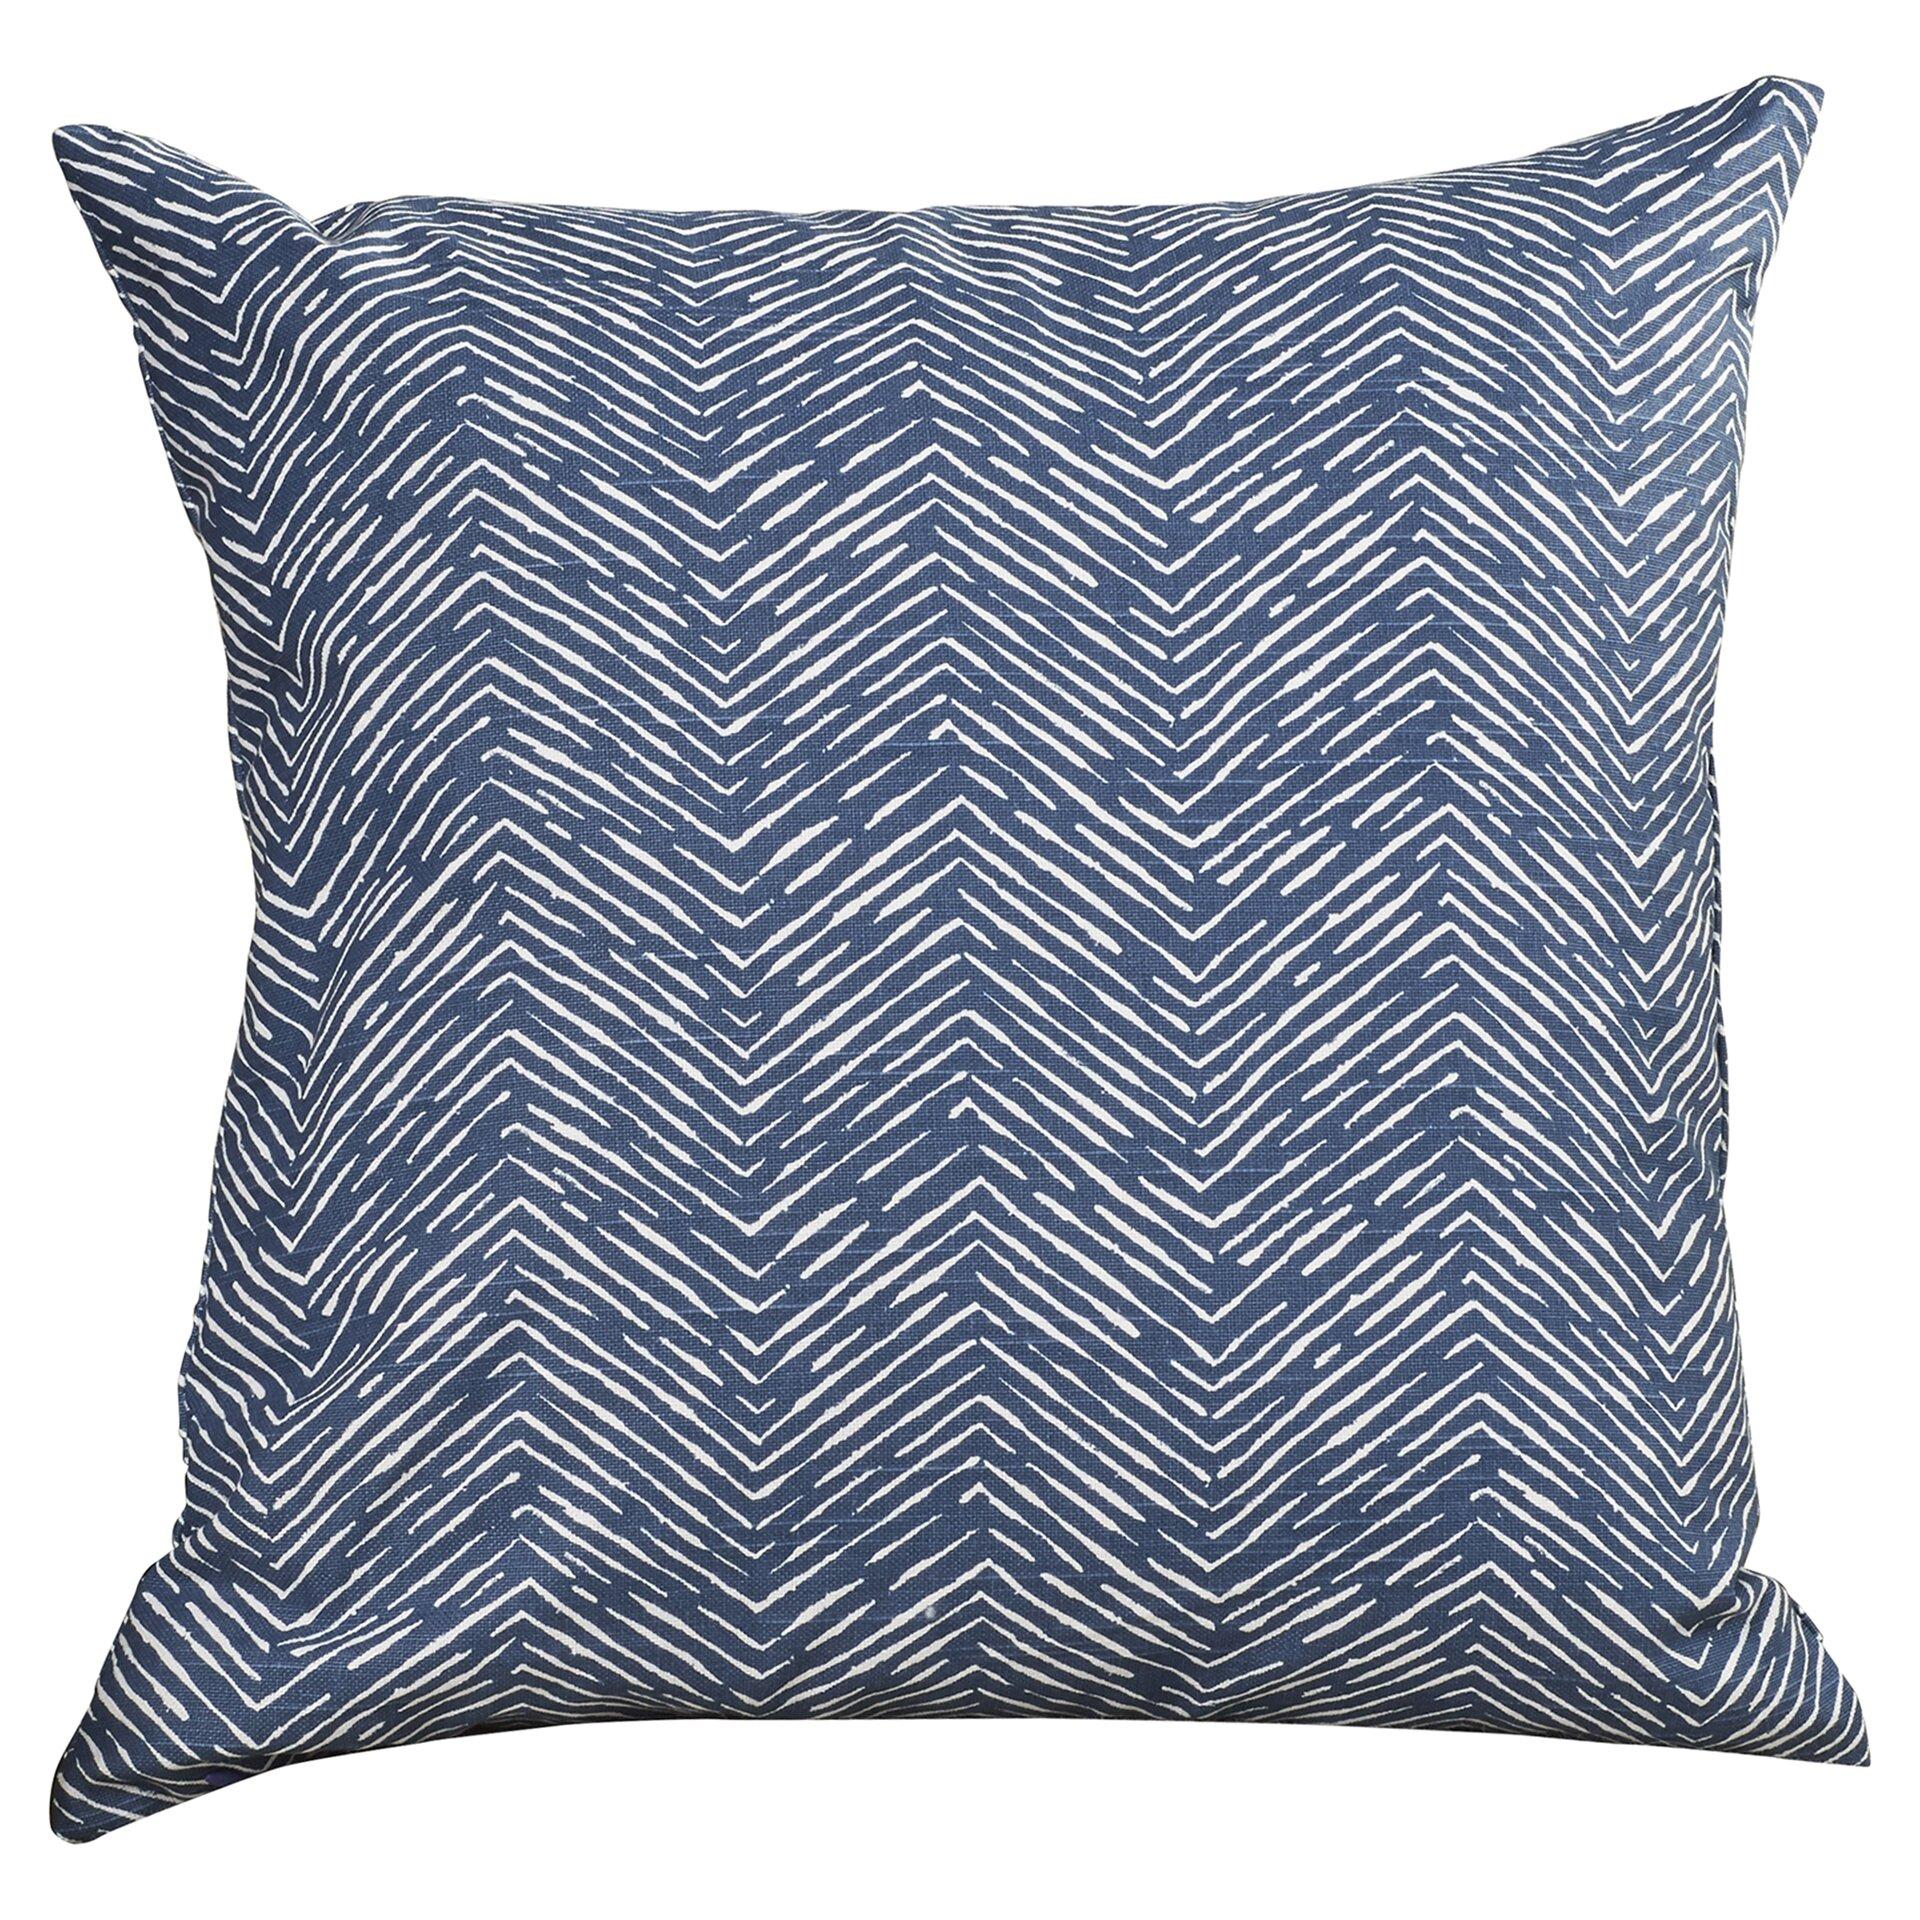 batista delgado  cotton throw pillow  reviews  allmodern - batista delgado  cotton throw pillow